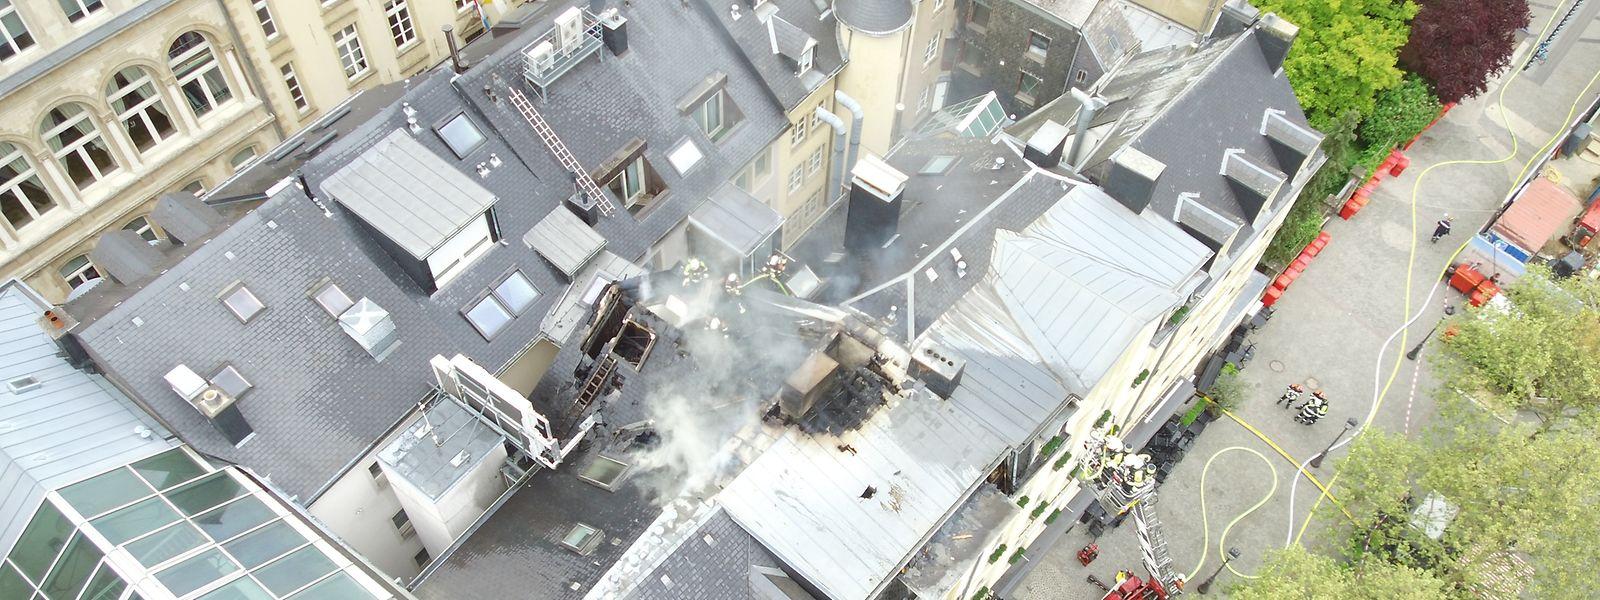 Am Freitag brannte es am Knuedler.